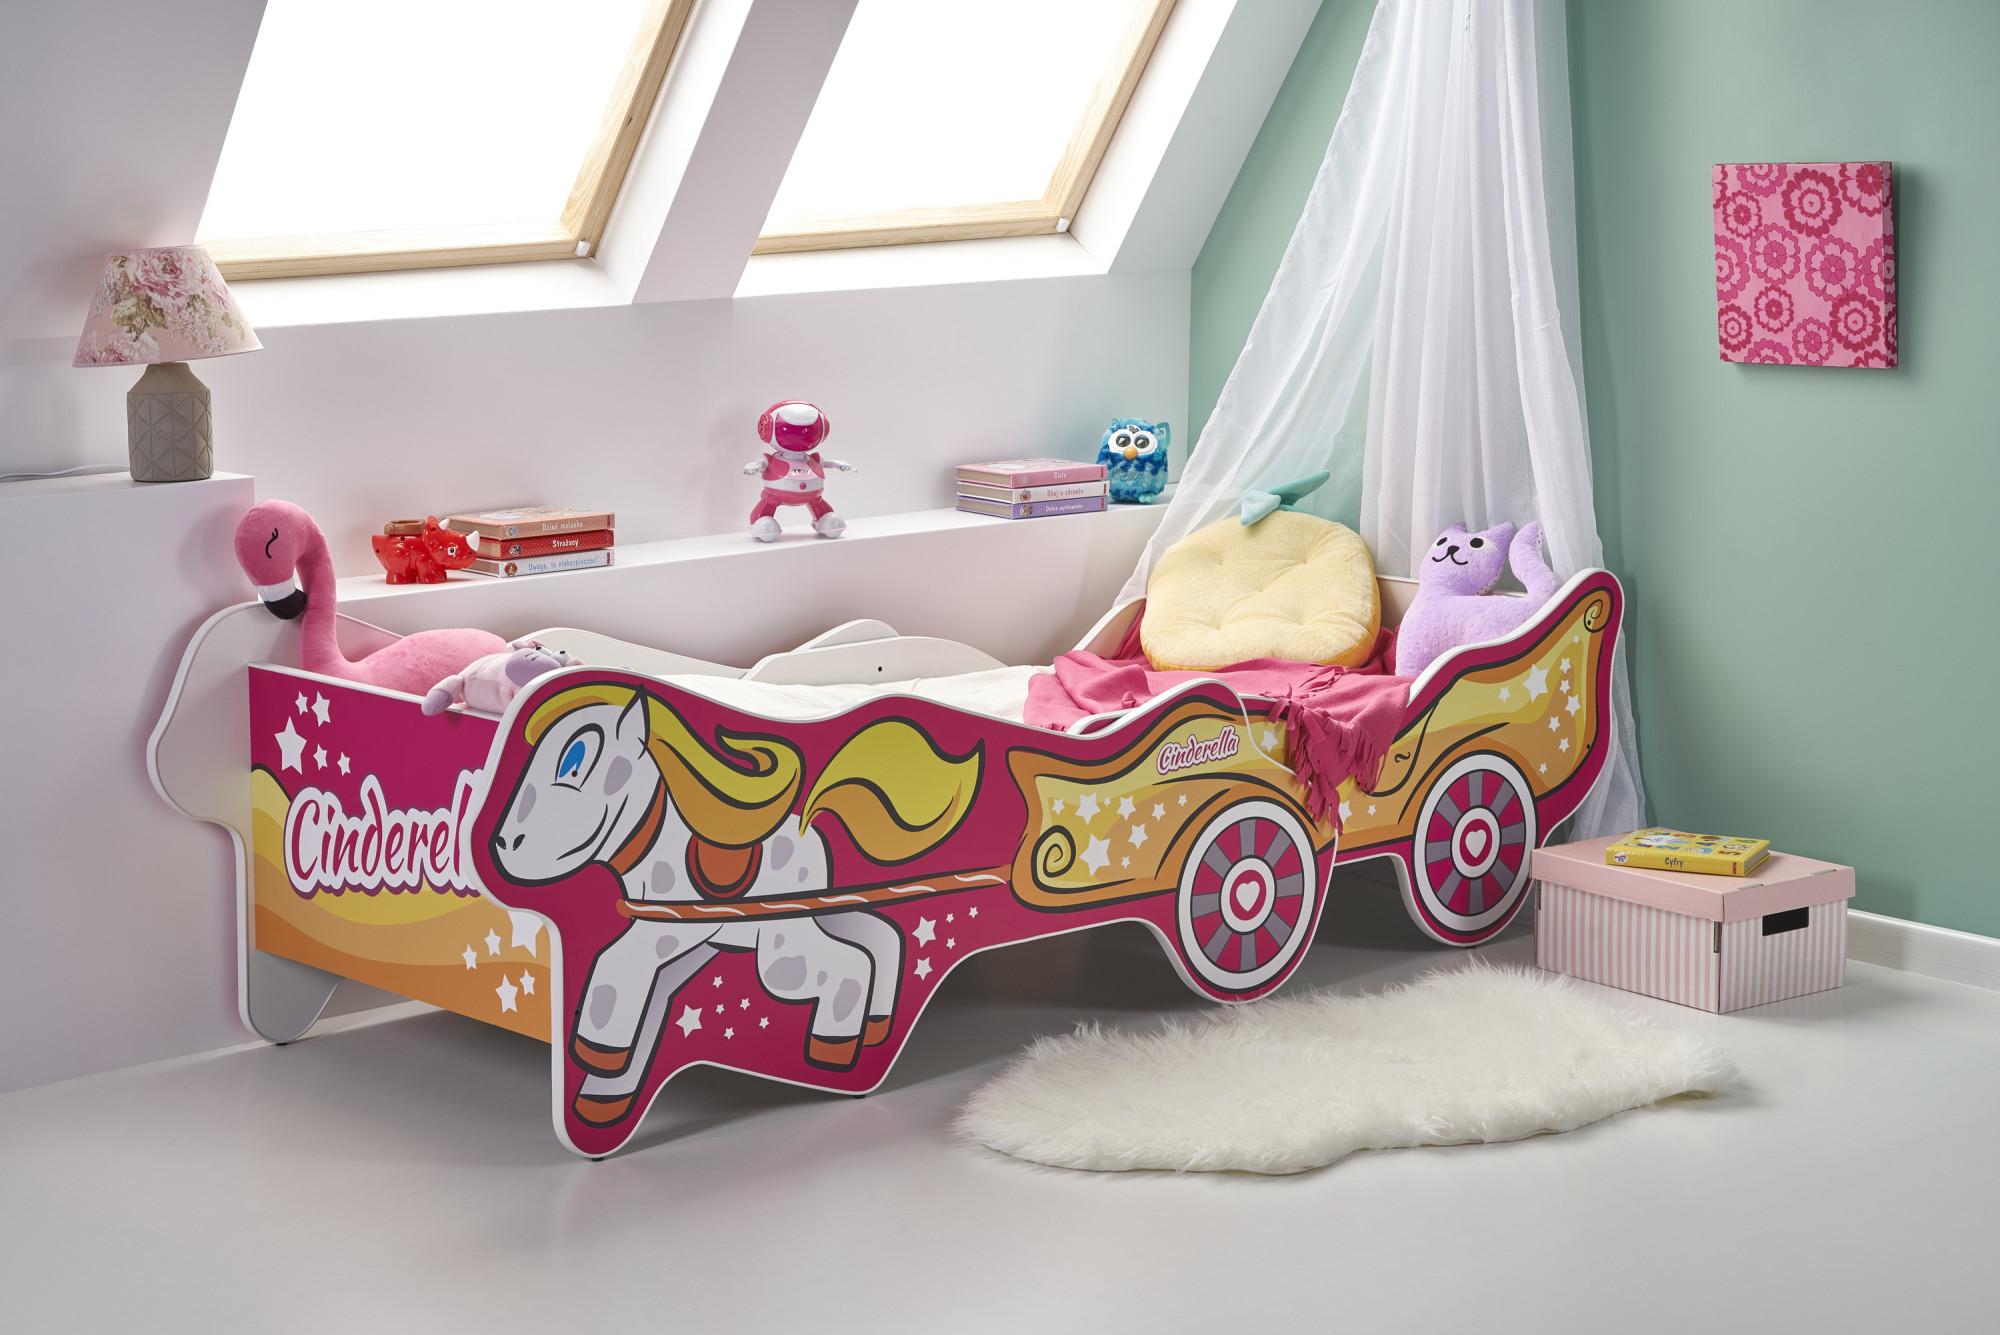 Podkrovná detská izba s dievčenskou posteľou s rozprávkovým motívom